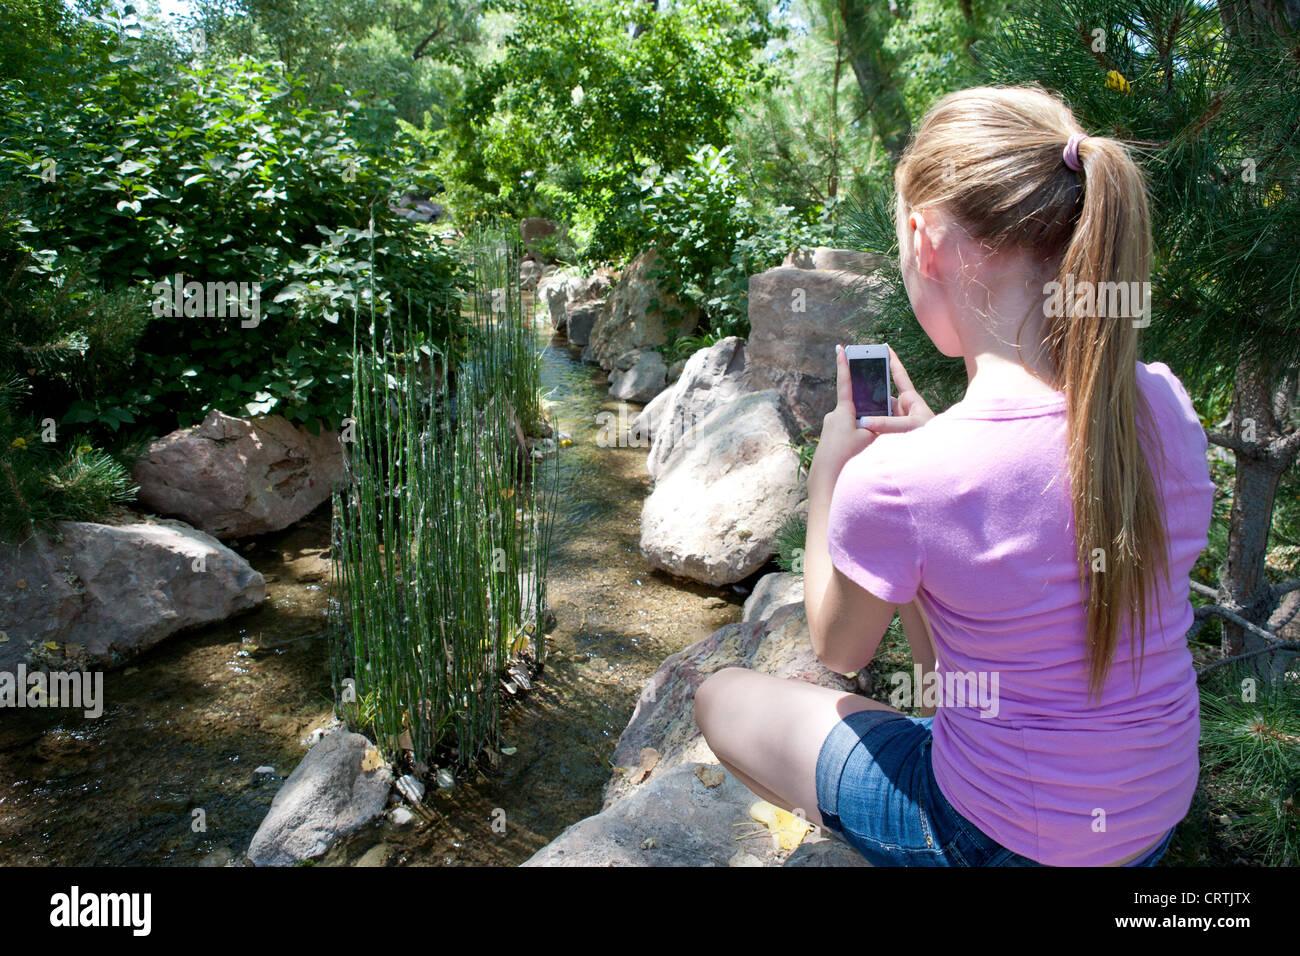 13 Jahre altes Mädchen nimmt ein Bild von einem Teich mit ihrer Iphone-Kamera. Stockbild